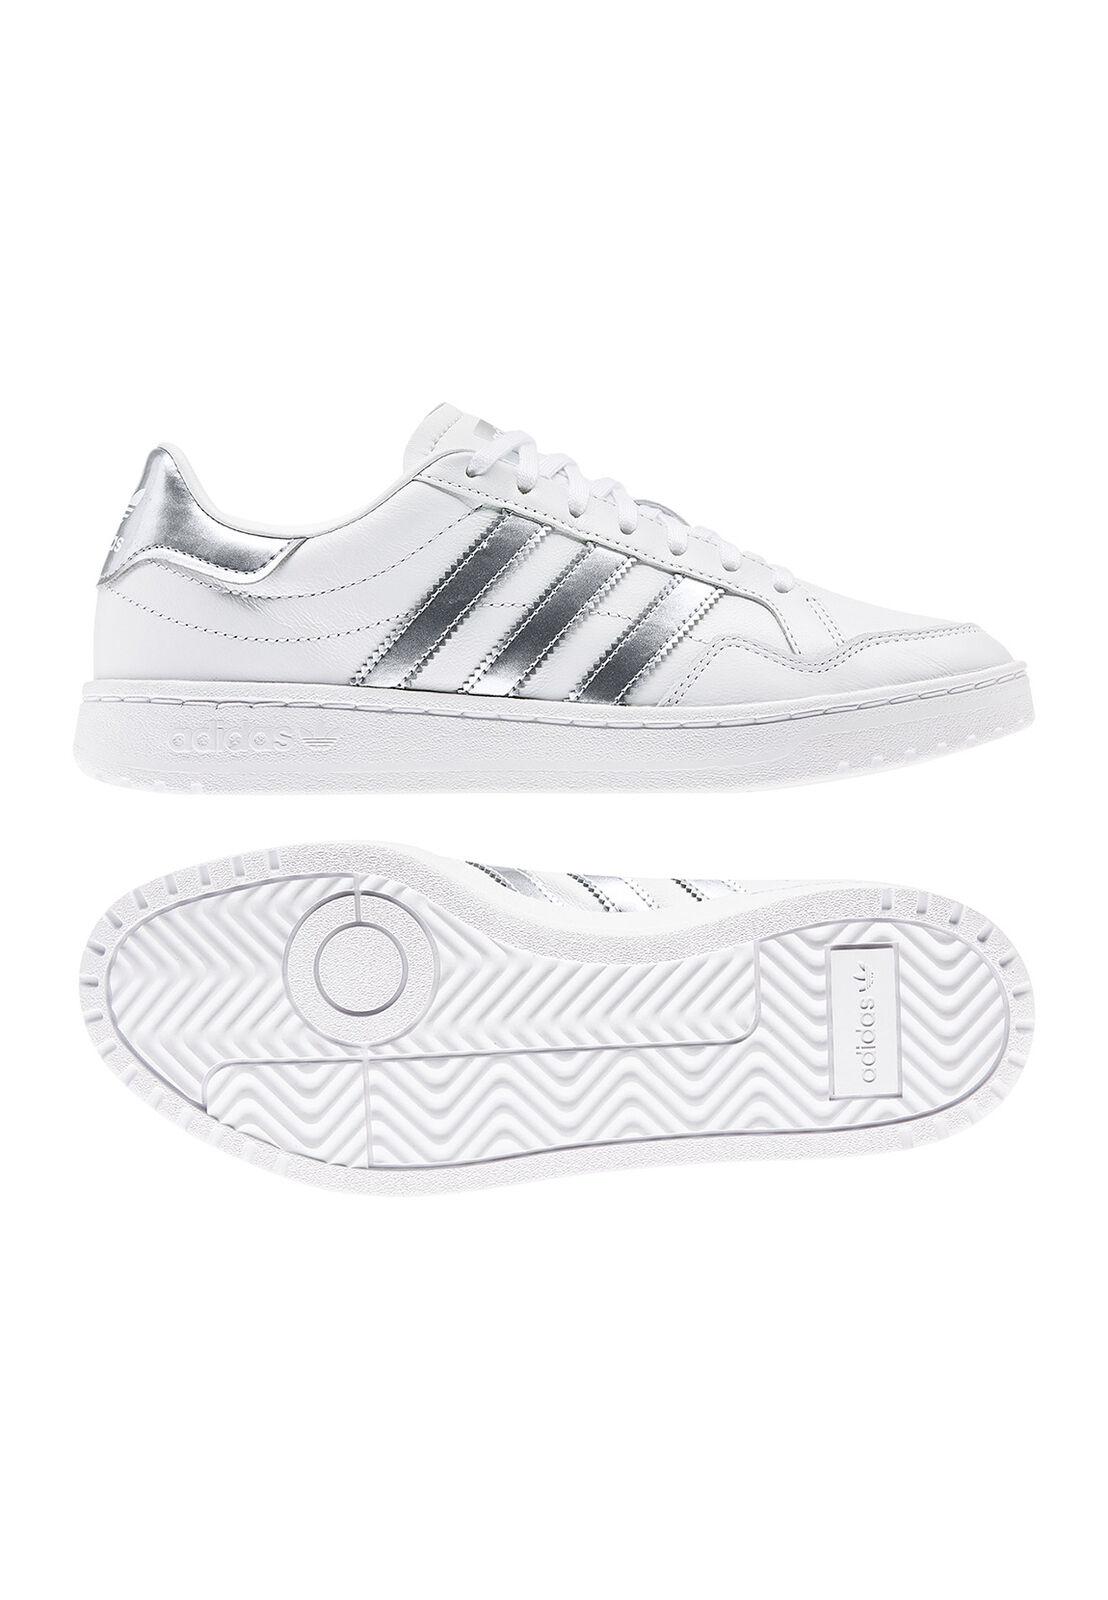 Adidas Originals Turnschuhe TEAM COURT W EG9824 Weiß Silber